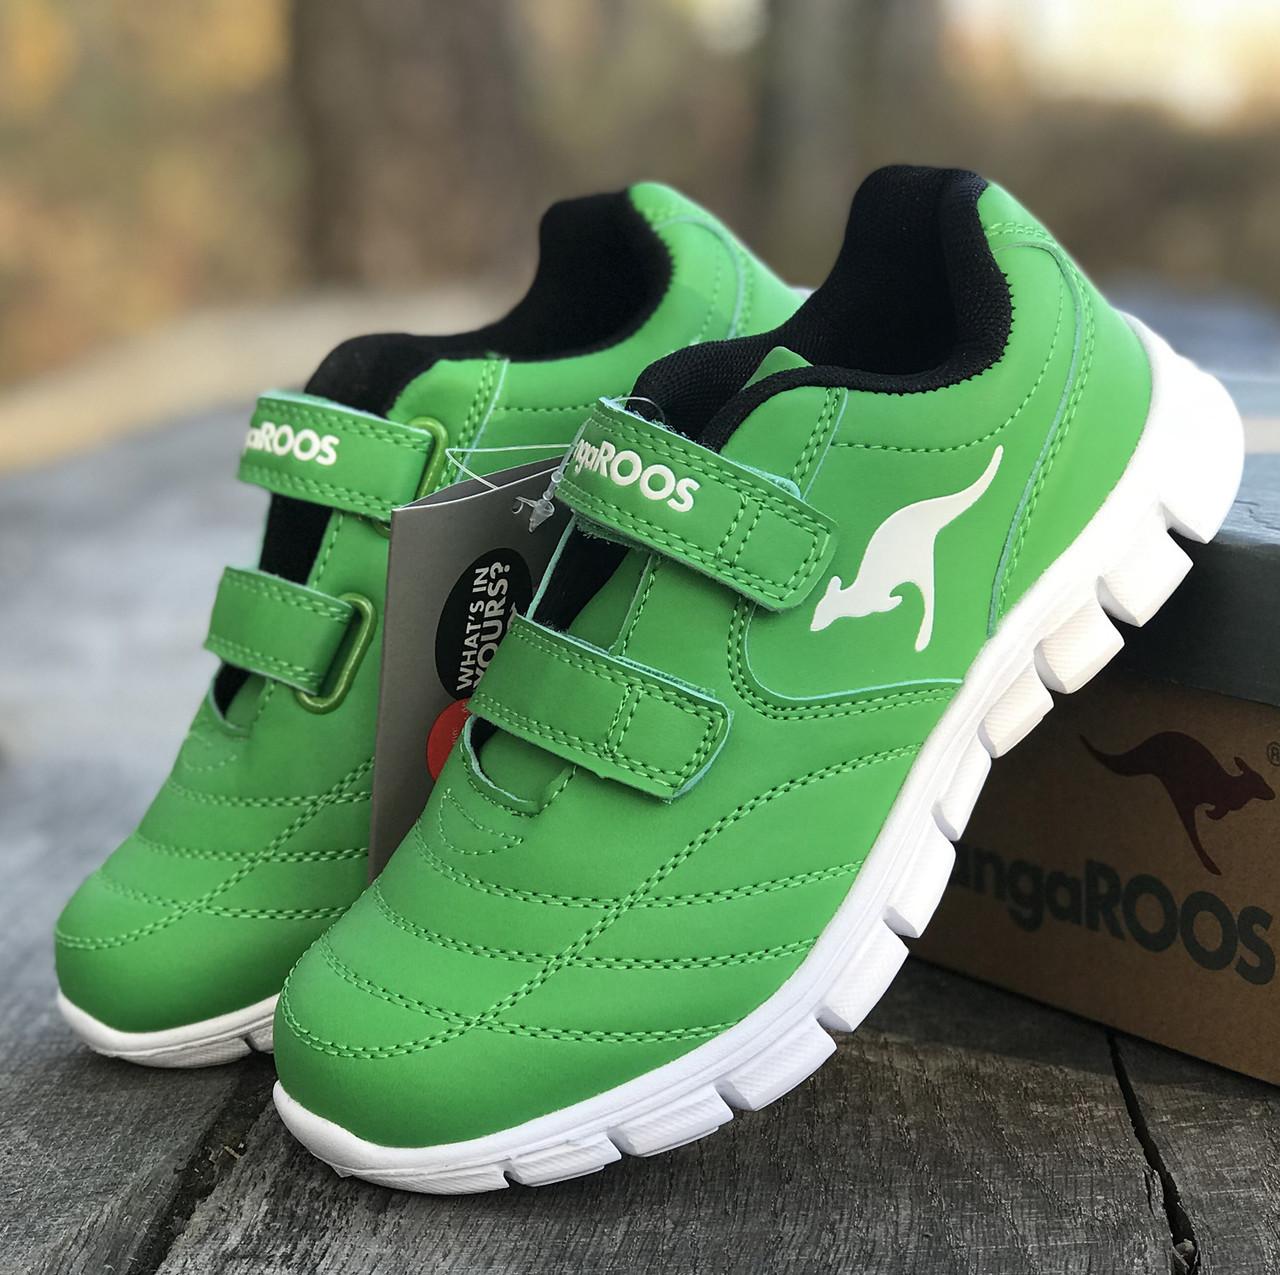 e27ca96a0 Легкие кроссовки KangaROOS р 32. Обувь для школы. Спортивная детская обувь  - Интернет-